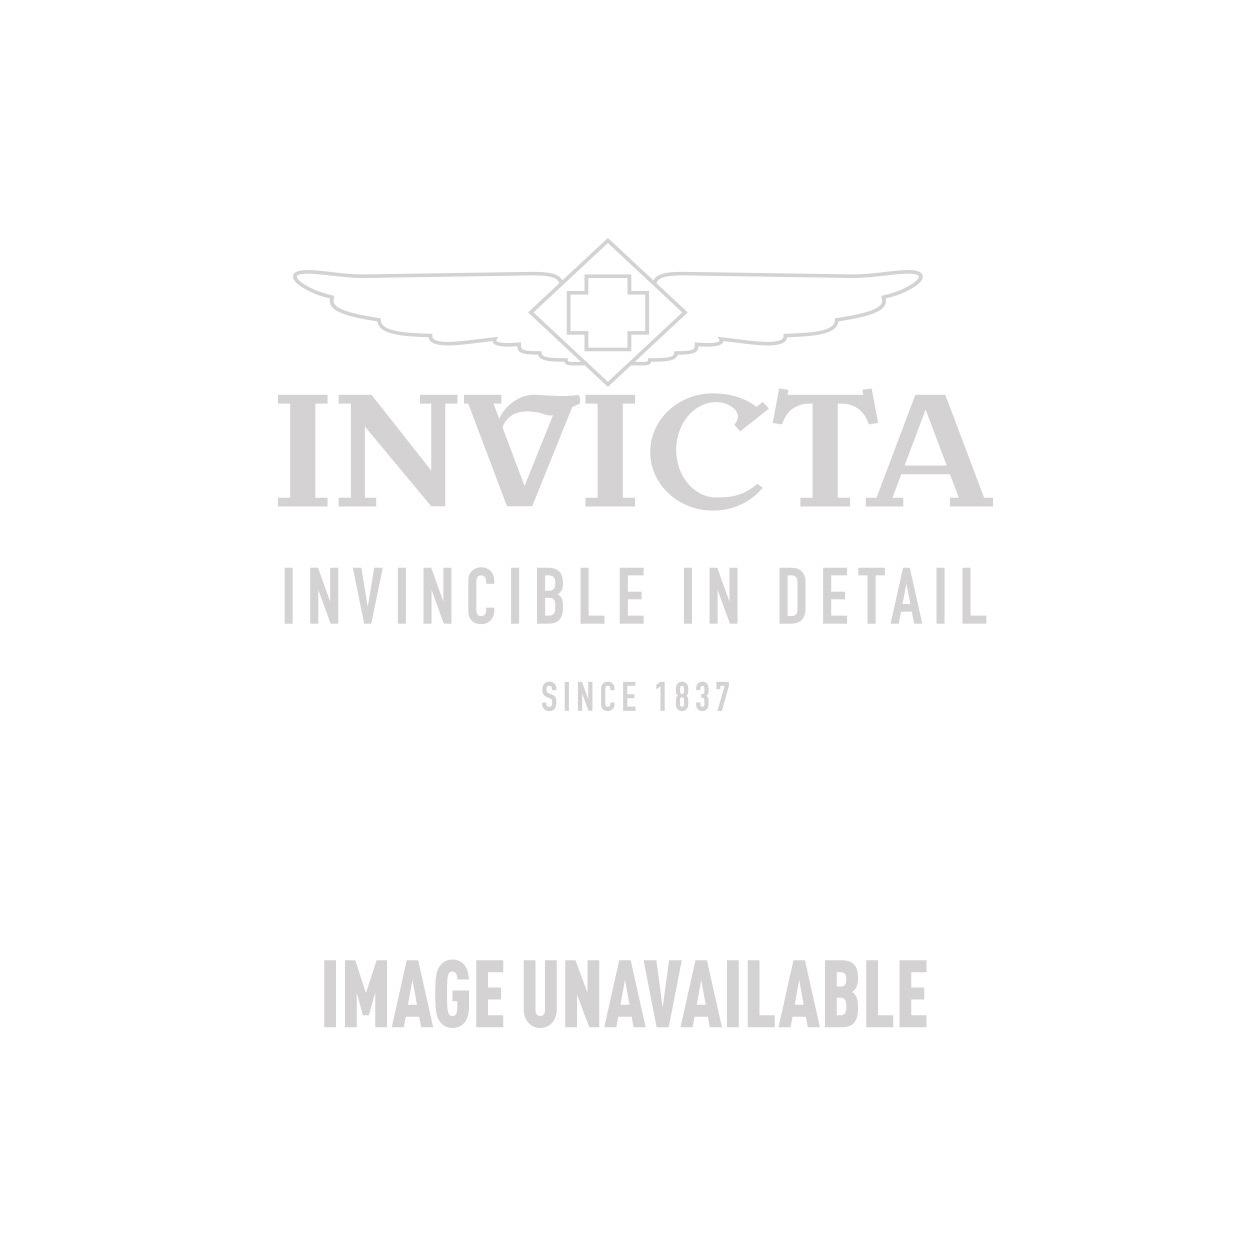 Invicta Model 28034